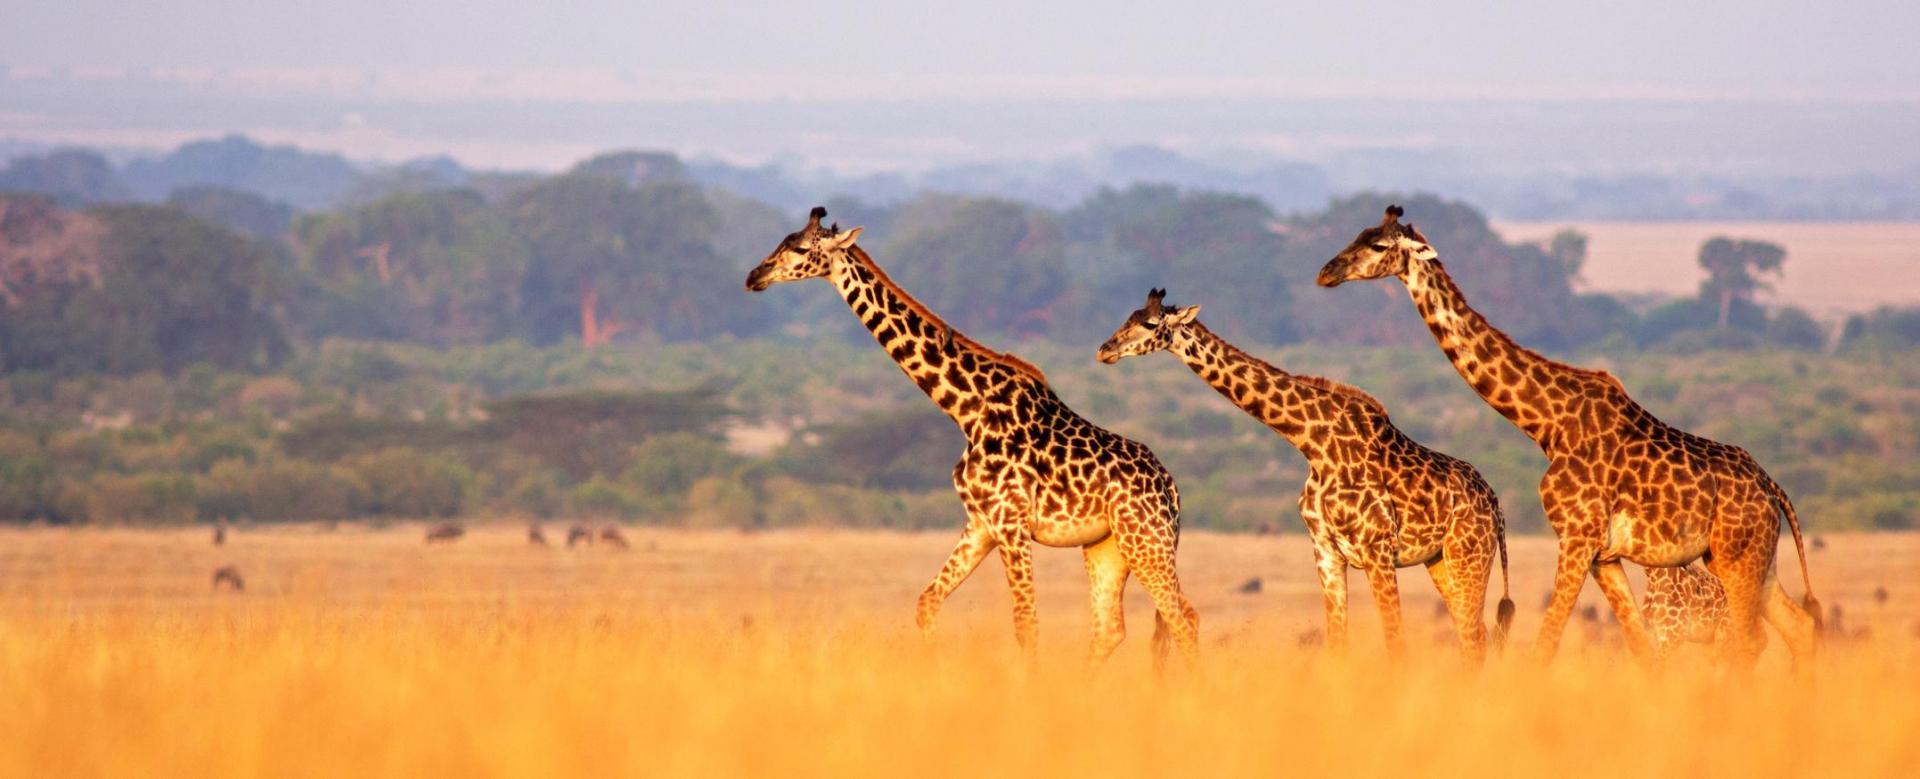 Voyage avec des animaux : Safaris tanzaniens